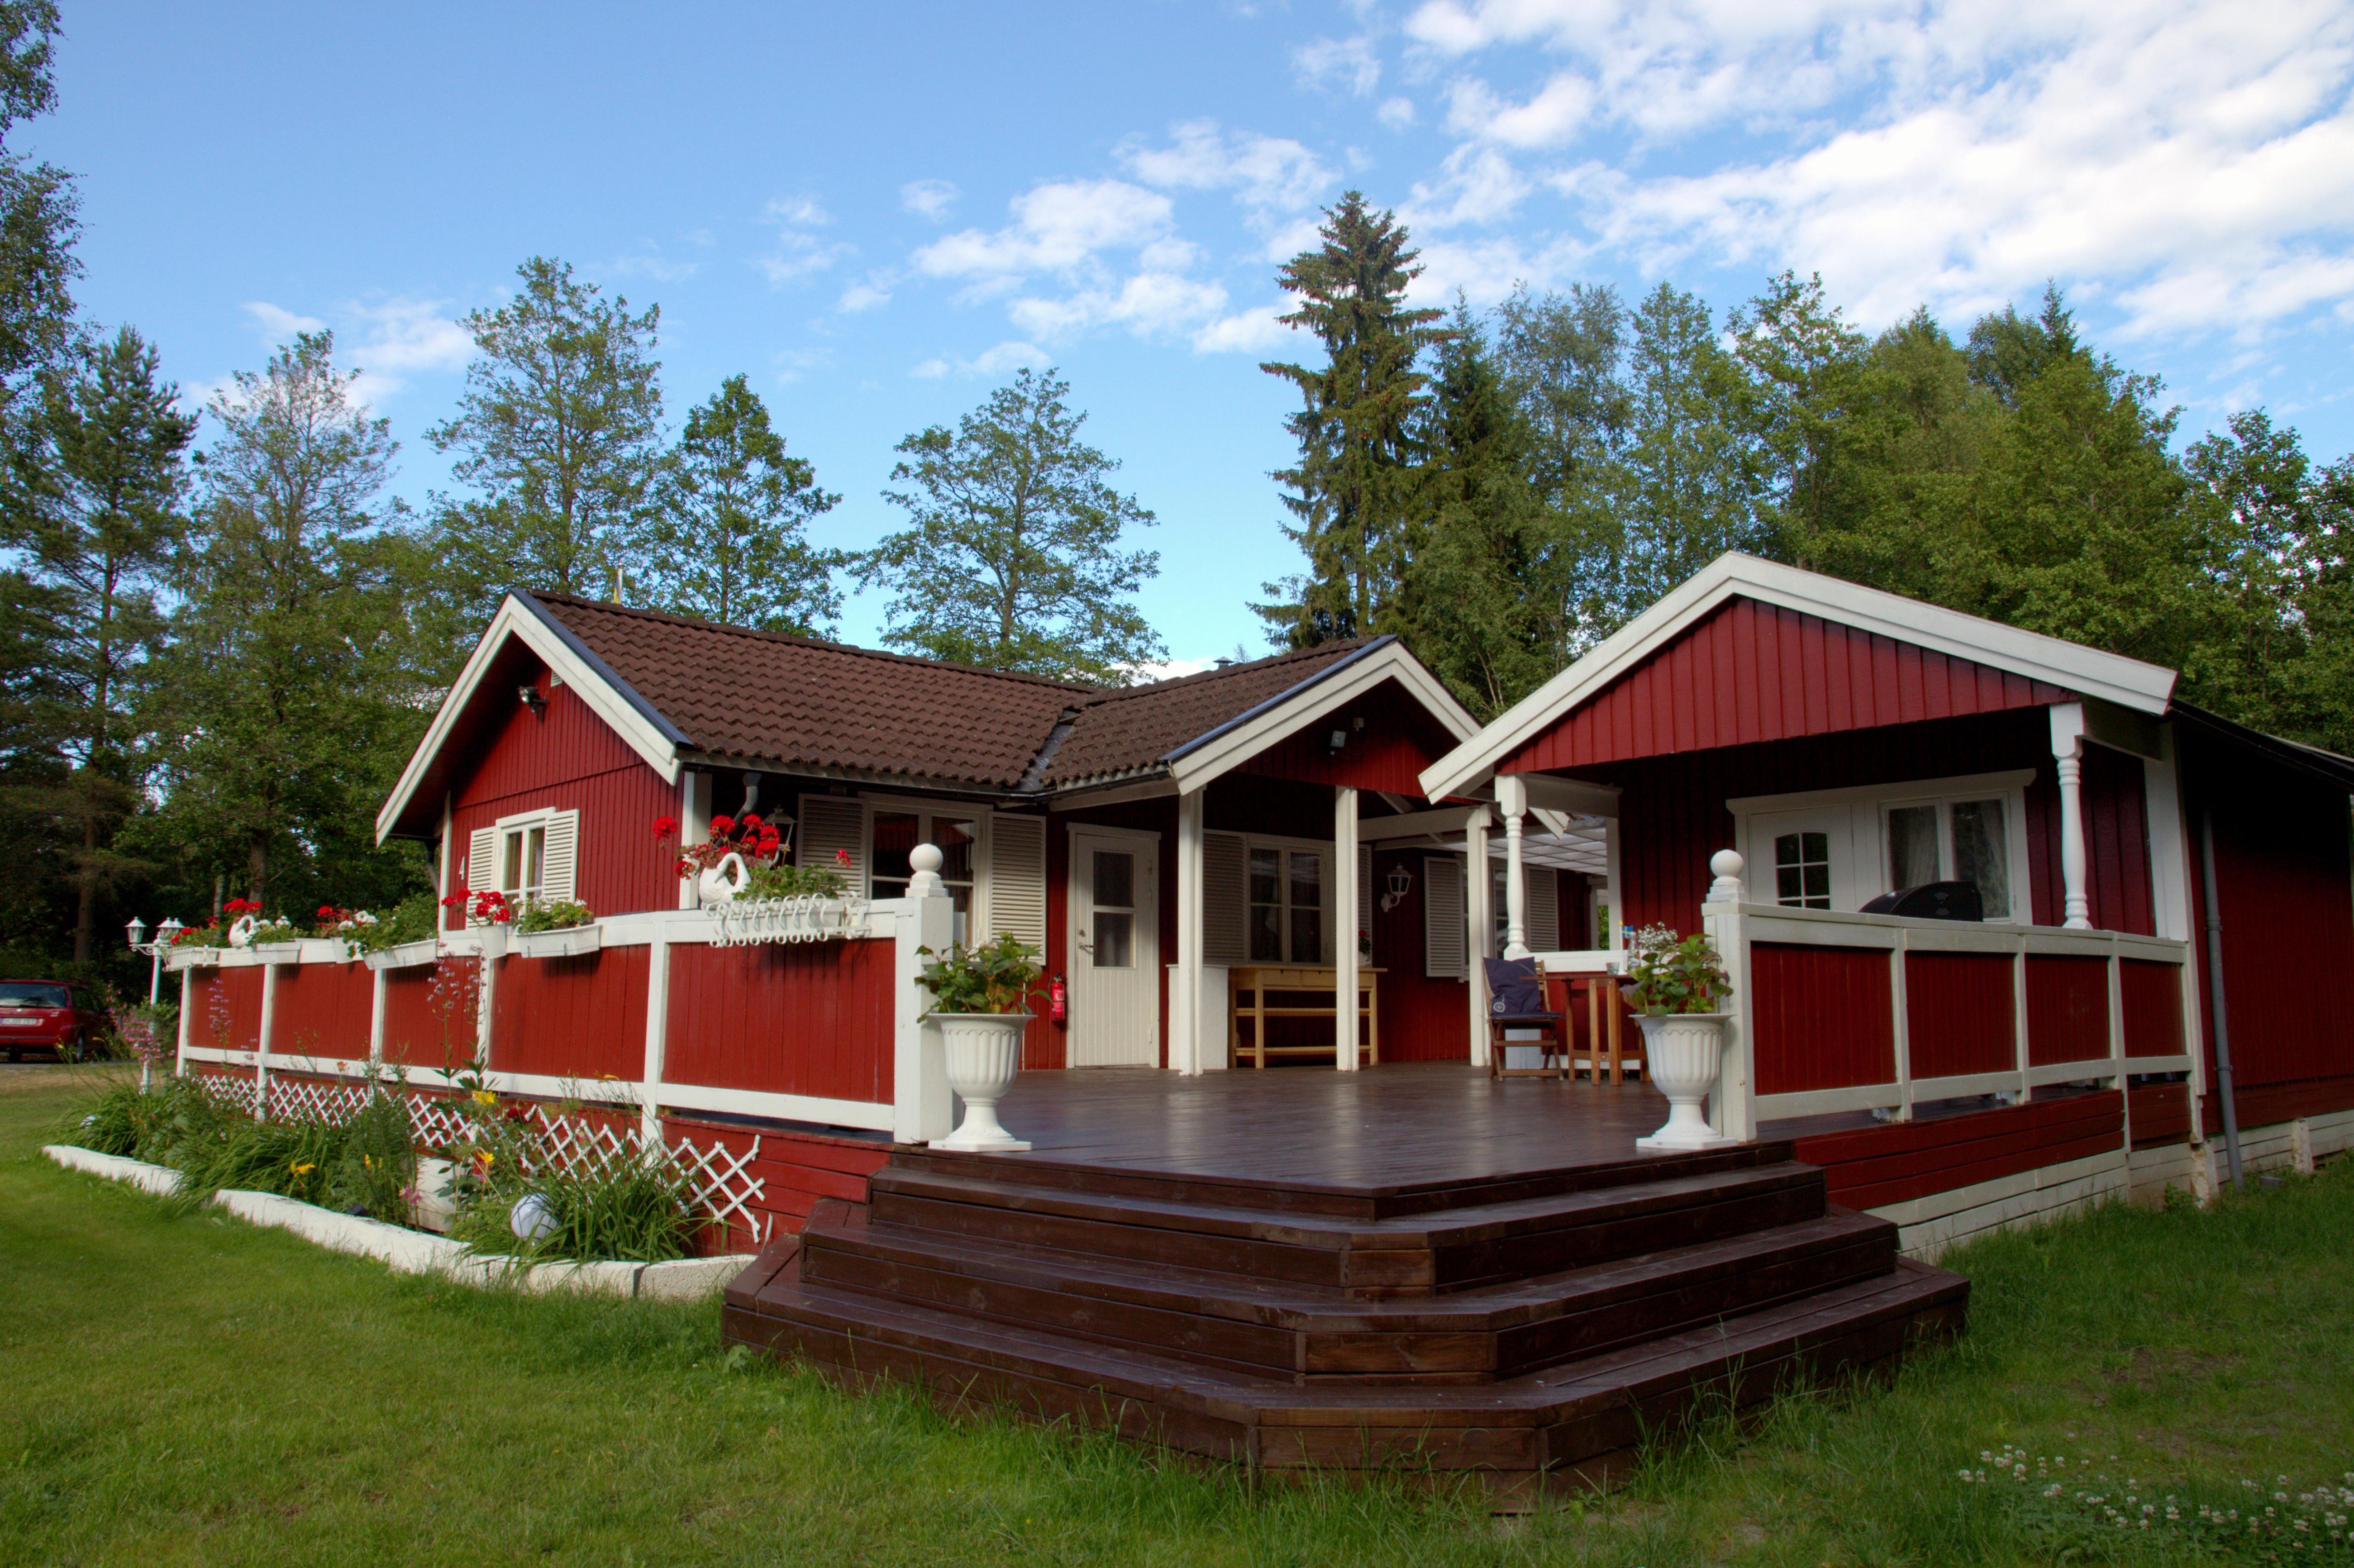 Airbnb | Bergshamra - Semesterboenden och stllen att bo